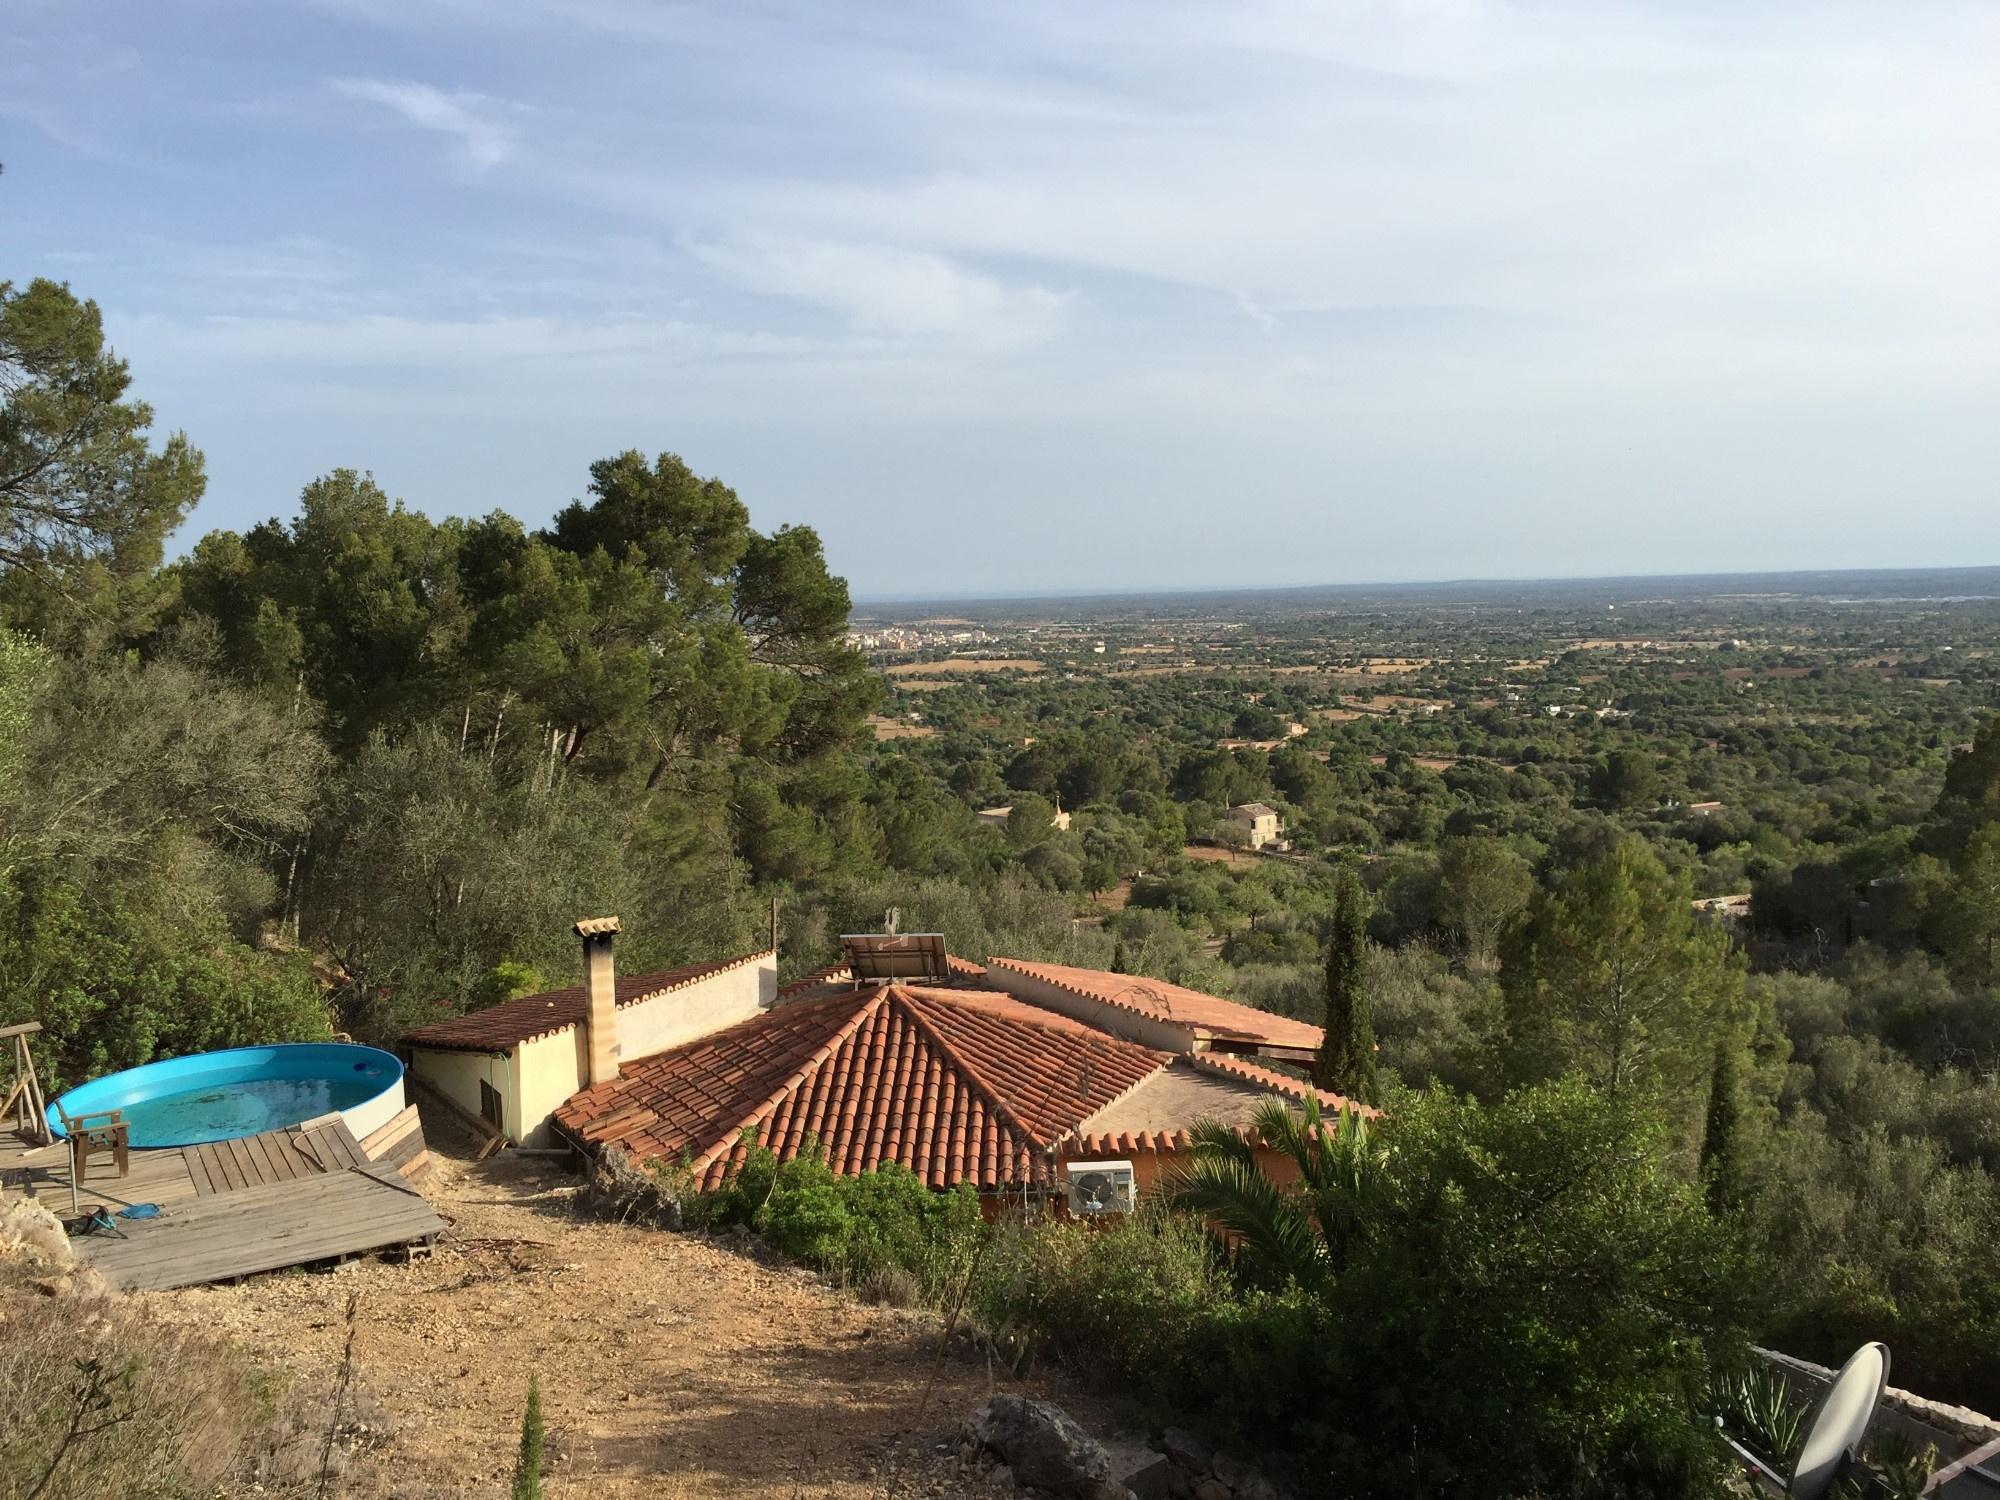 Blick aus dem Grundstück